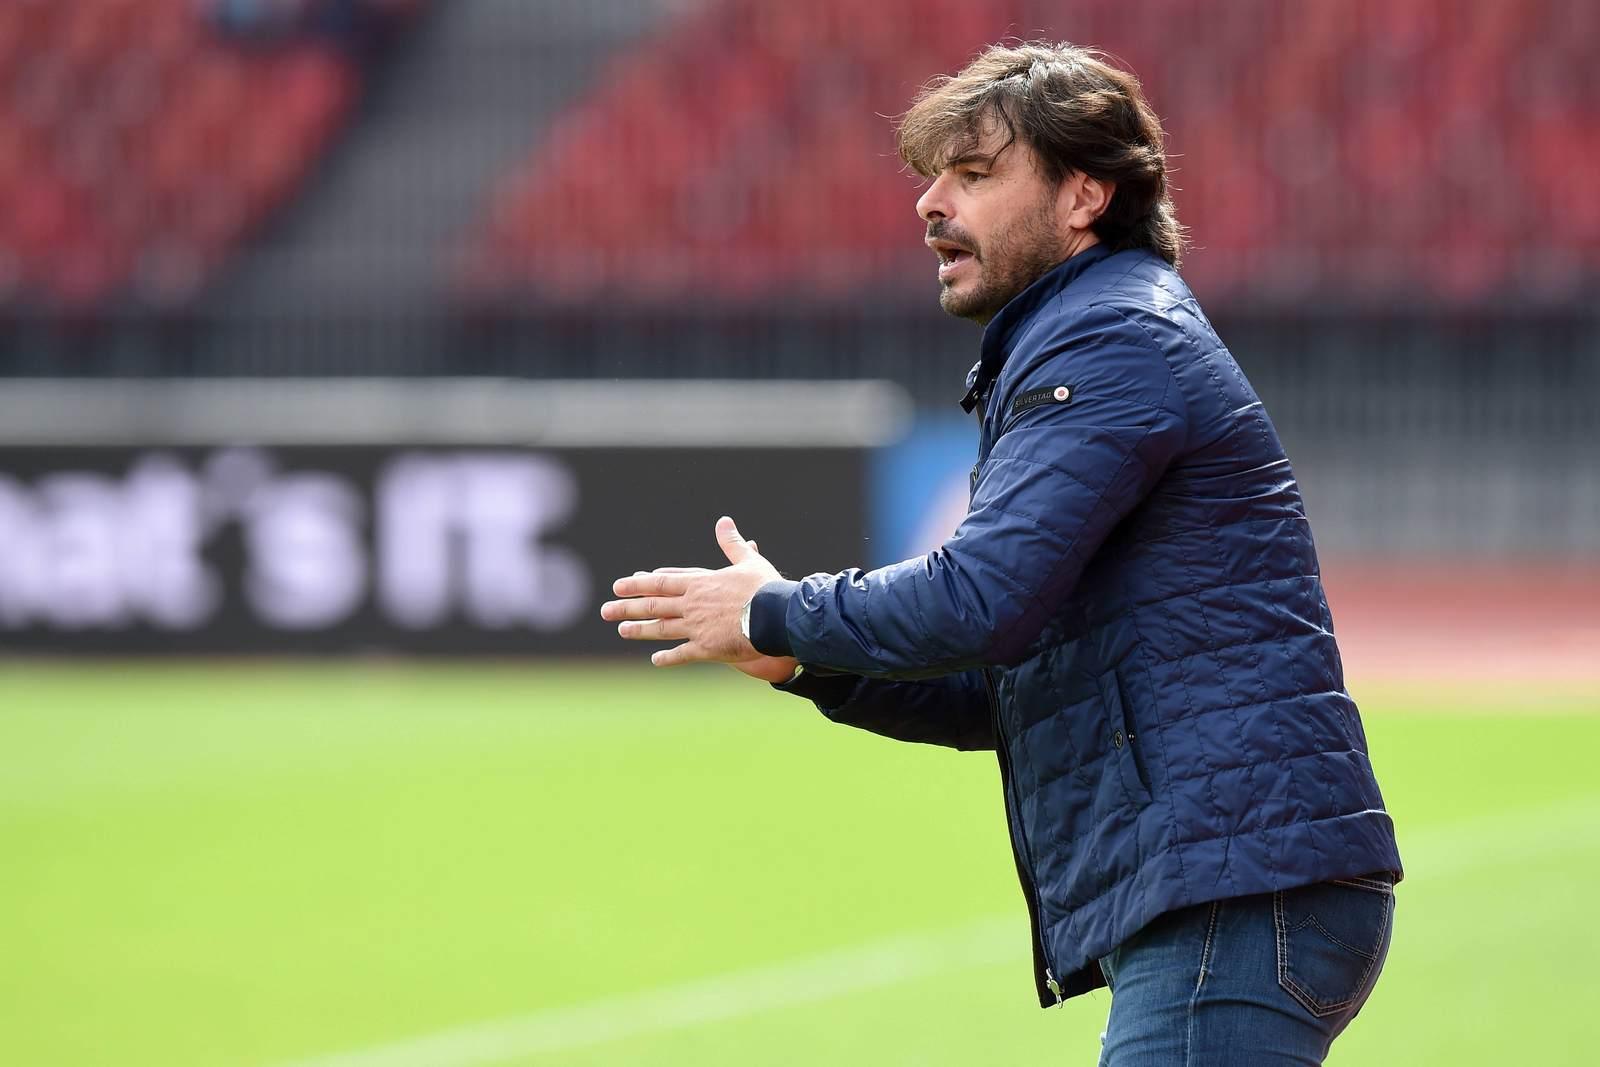 Ciriaco Sforza ist als neuer Trainer beim 1. FC Kaiserslautern im Gespräch